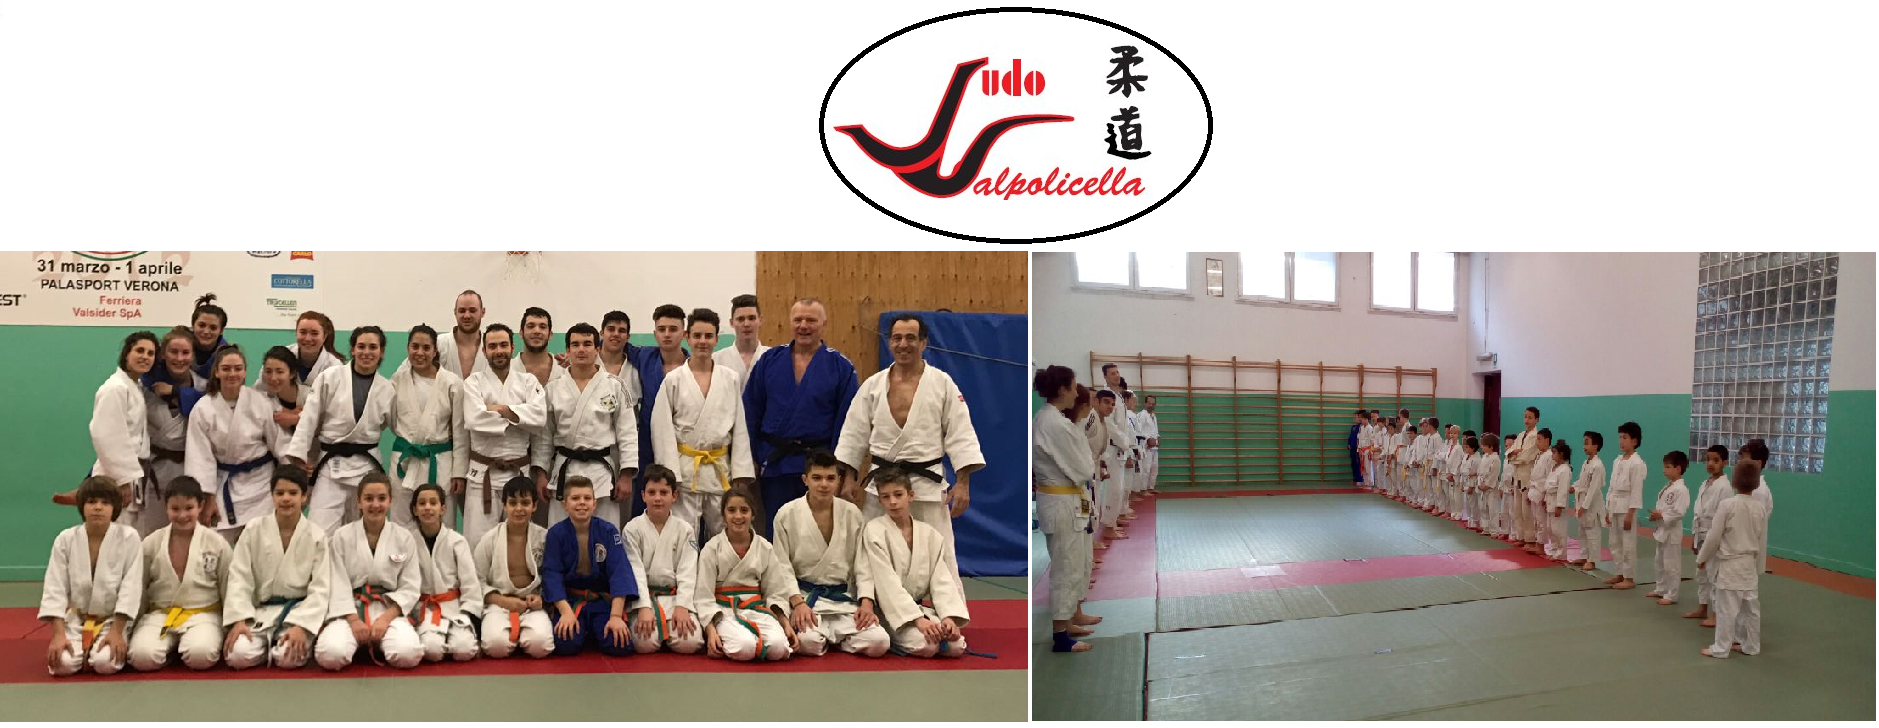 collage-judo-2